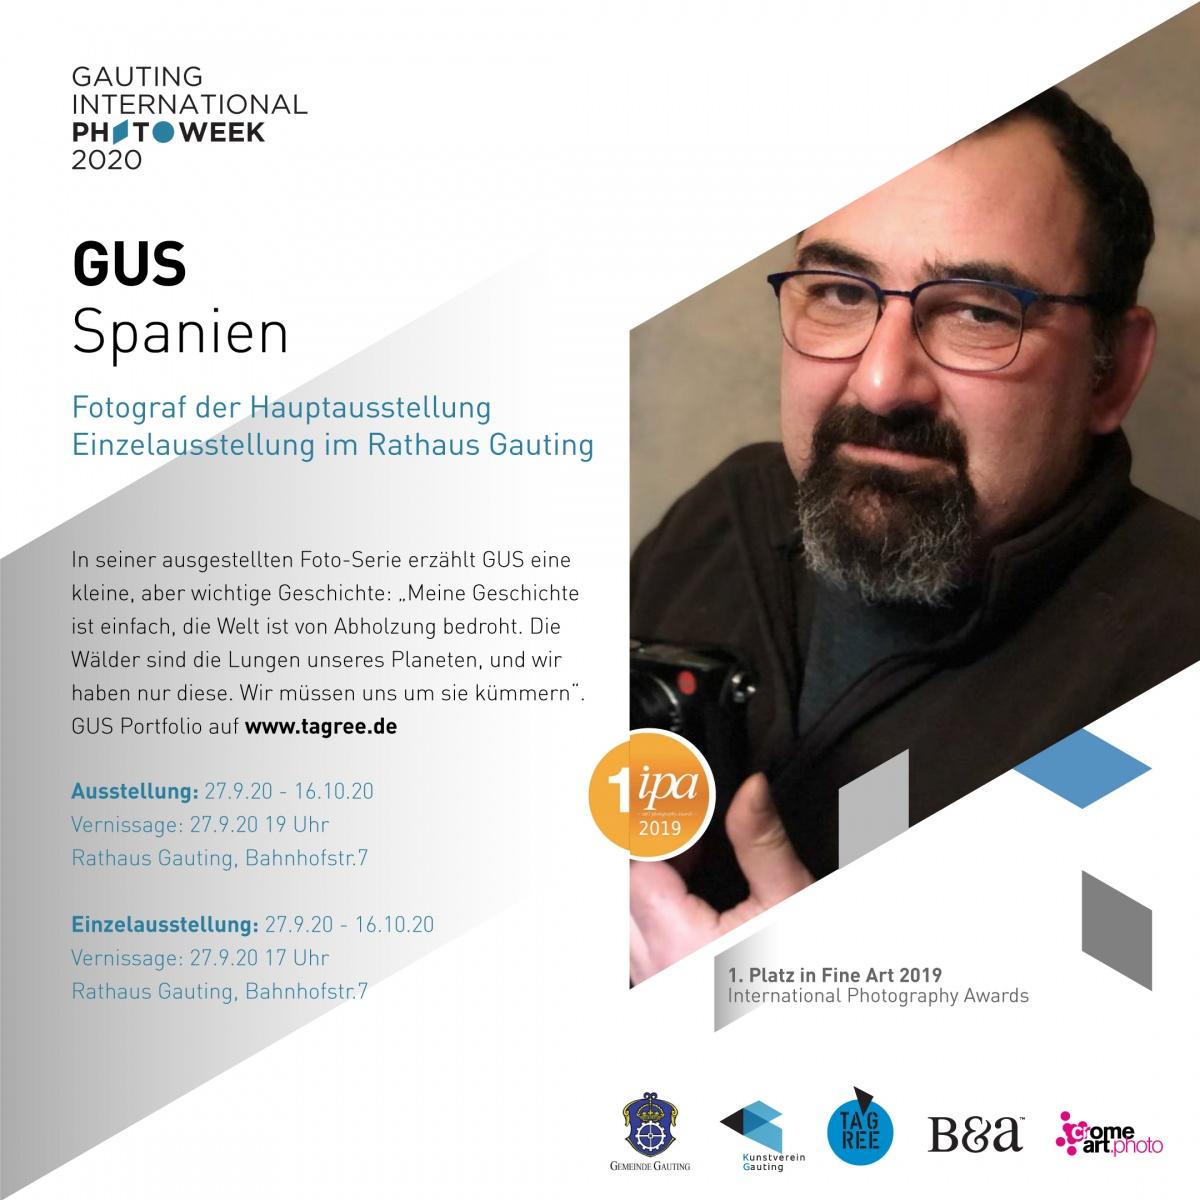 GUS / Spanien